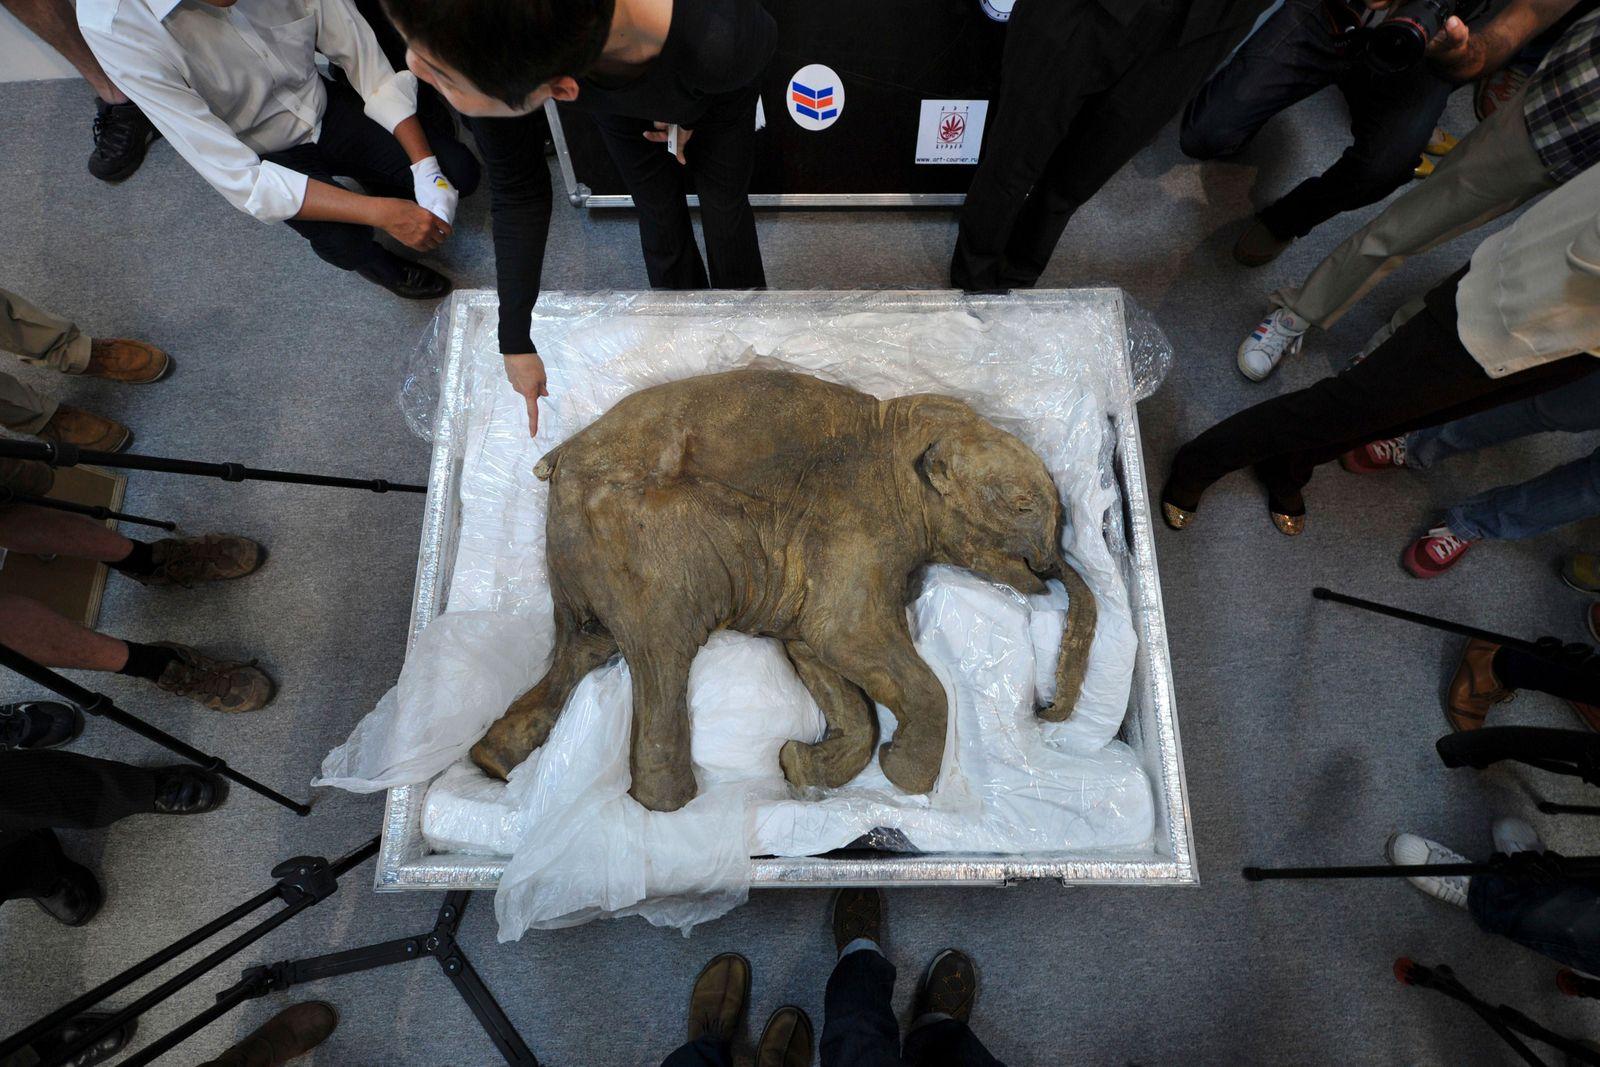 TOPSHOTS 2012 - HONG KONG-RUSSIA-MAMMOTH-ANIMAL